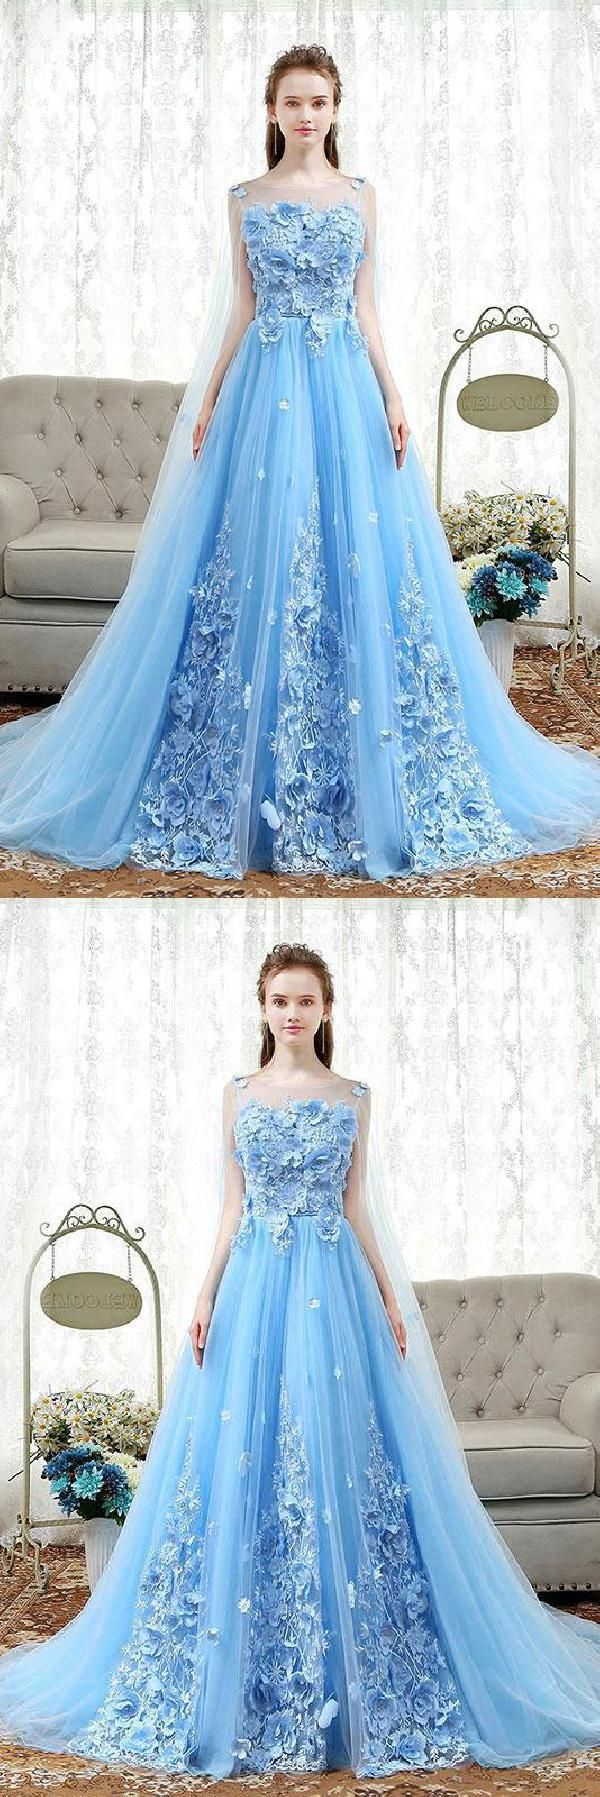 Prom dresses long prom dresses blue prom dresses lace dress